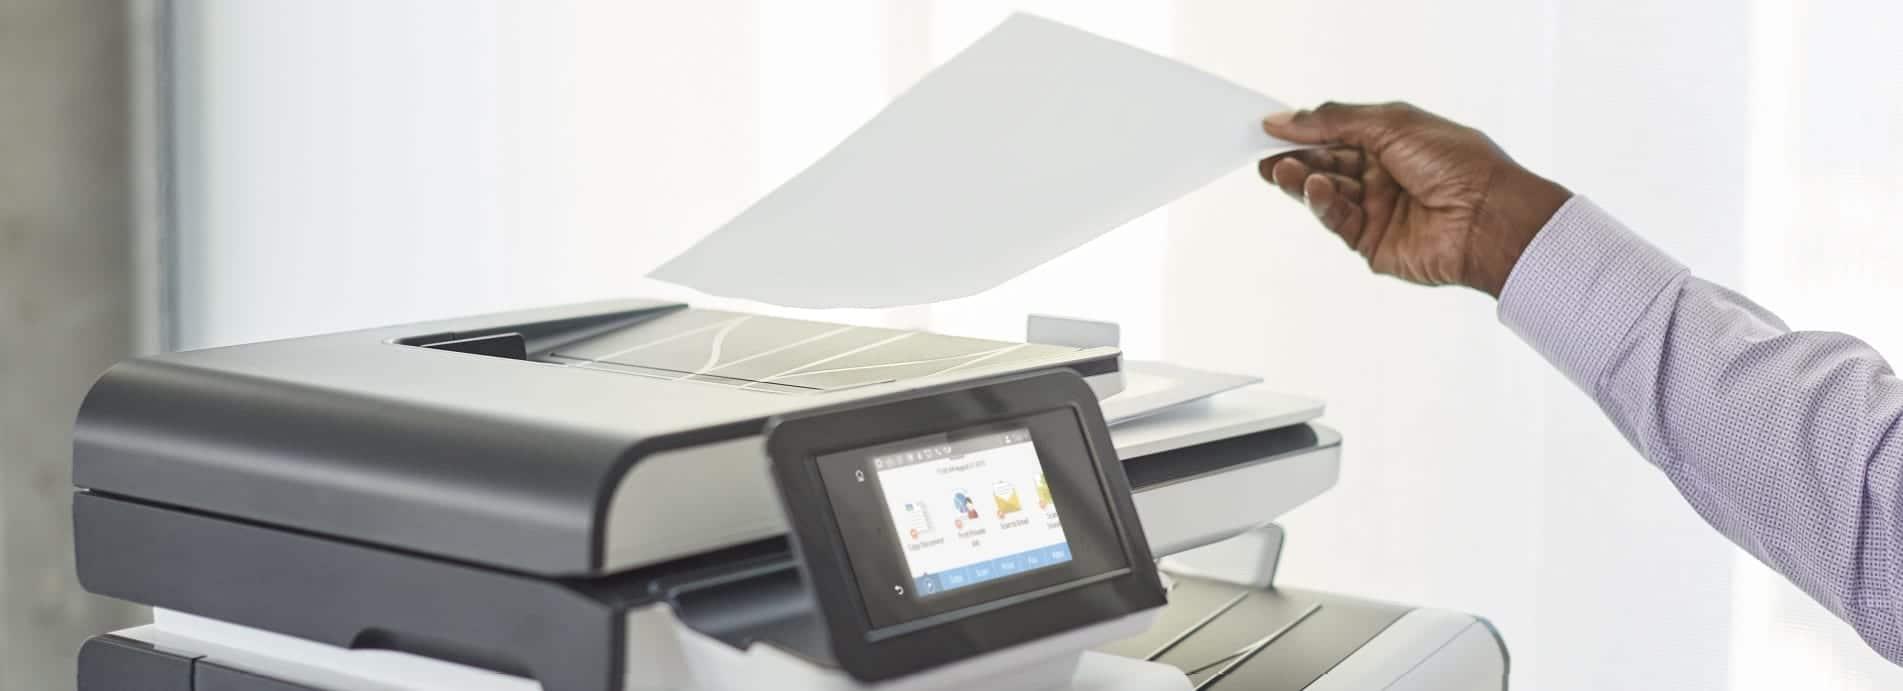 Der Einsatz vom richtigen Papier erhöht die Lebensdauer vom Drucker und Kopierer